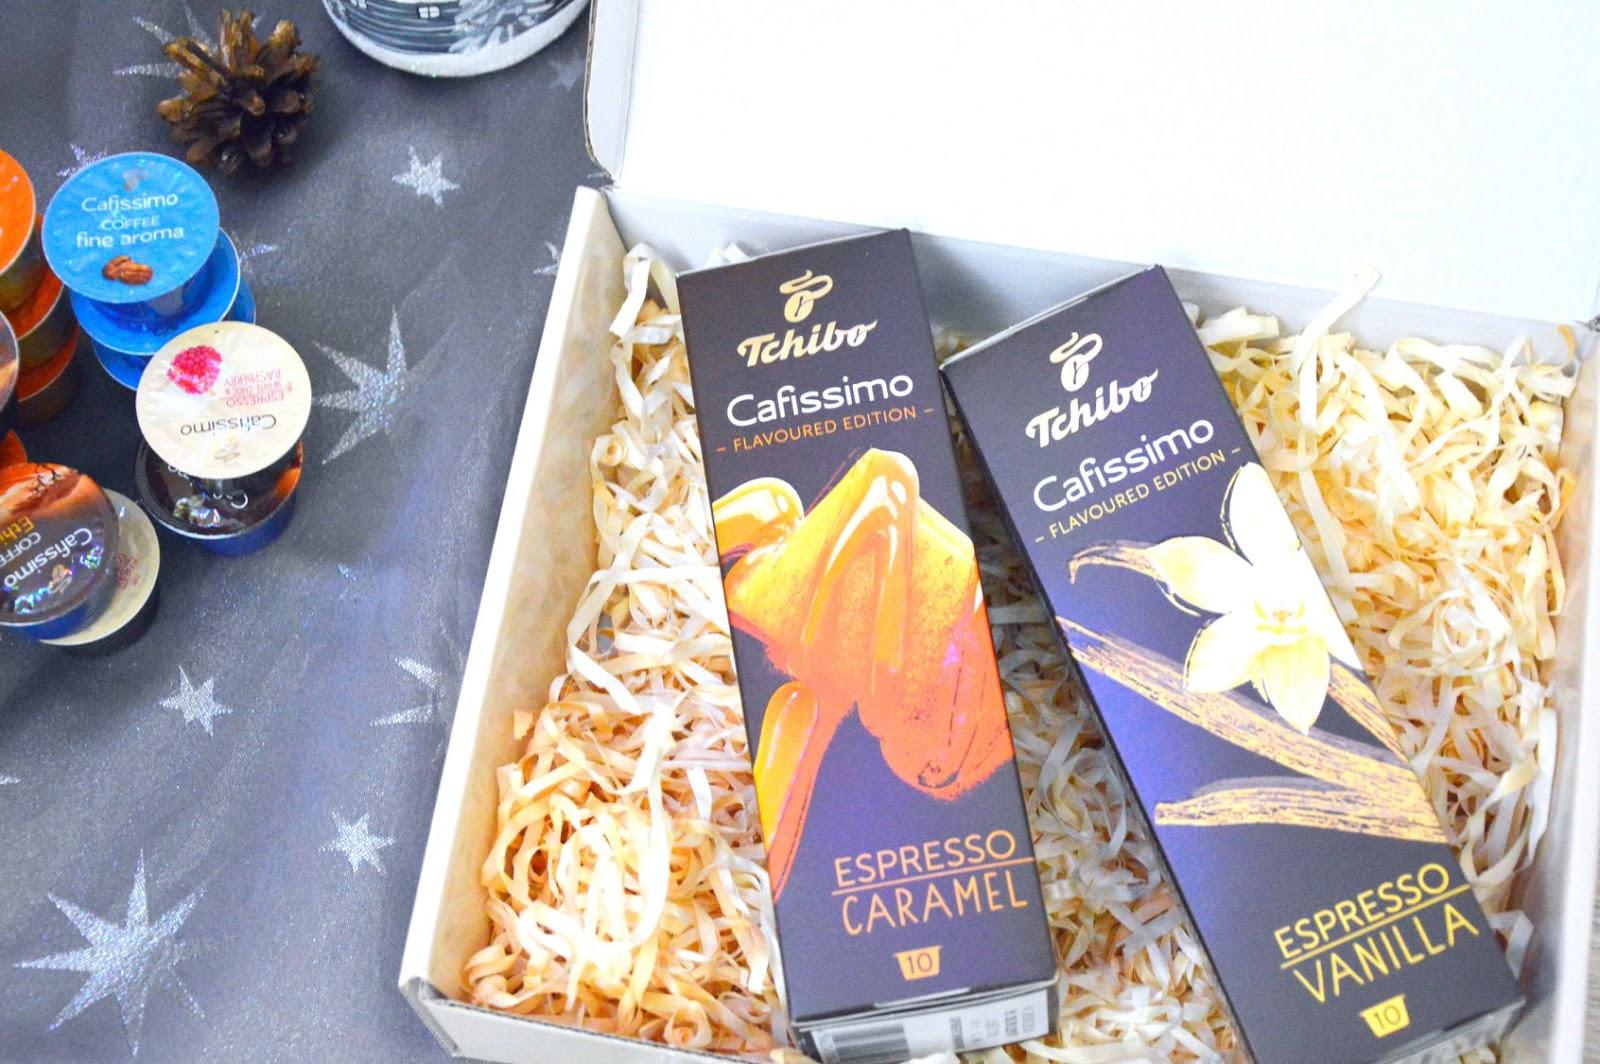 przepis na świąteczną kawę, aromat i smak kawy, tchibo cafissimo